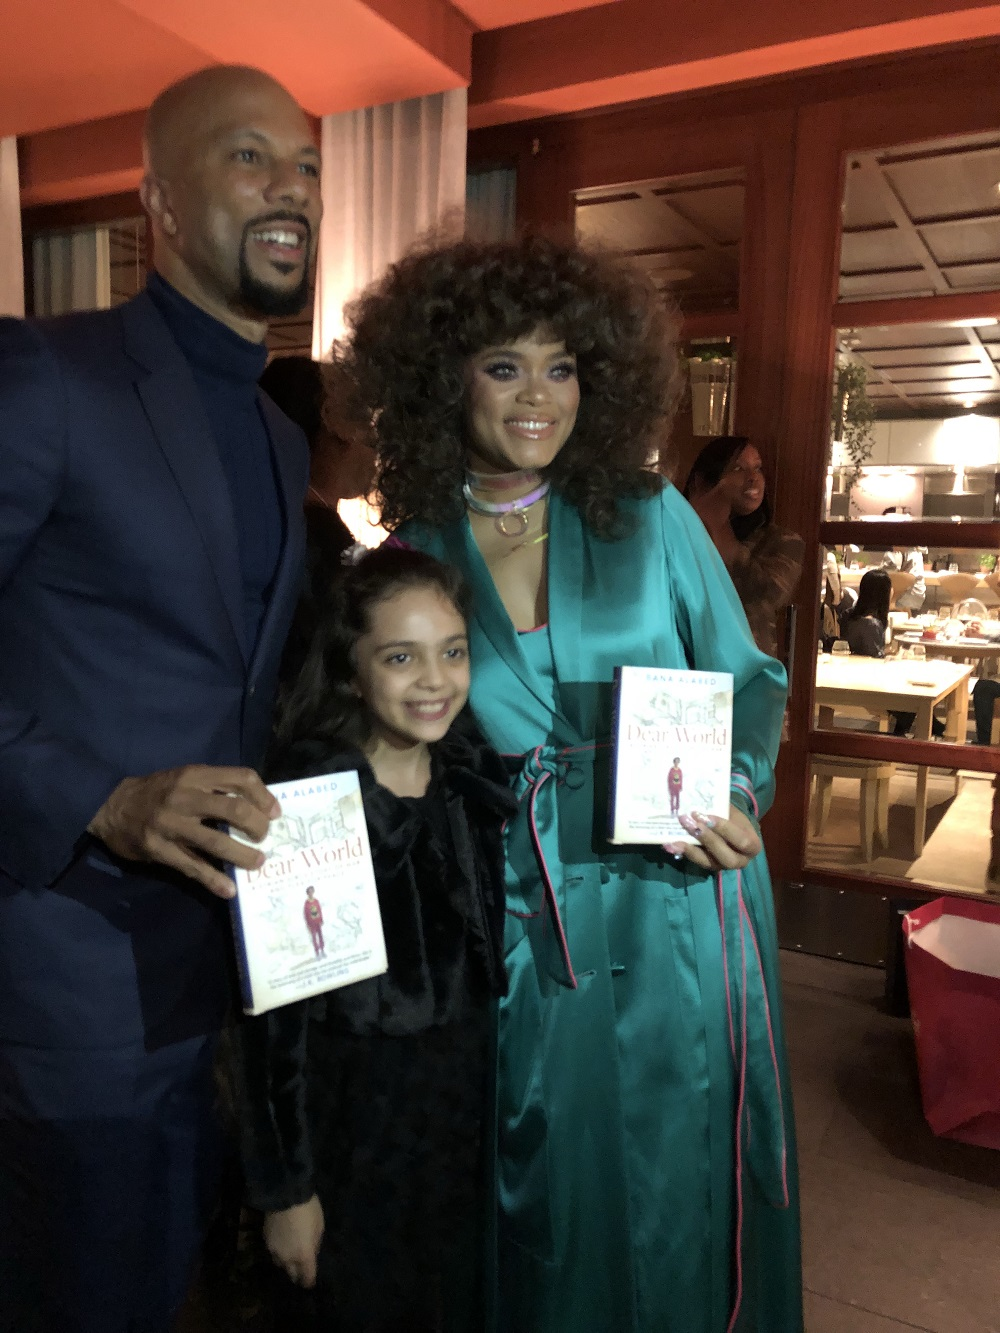 بانا العابد مع ممثلين أمريكين في حفل توزيع جوائز الأوسكار في هوليوود الأمريكية - 4 آذار 2018 (تويتر)